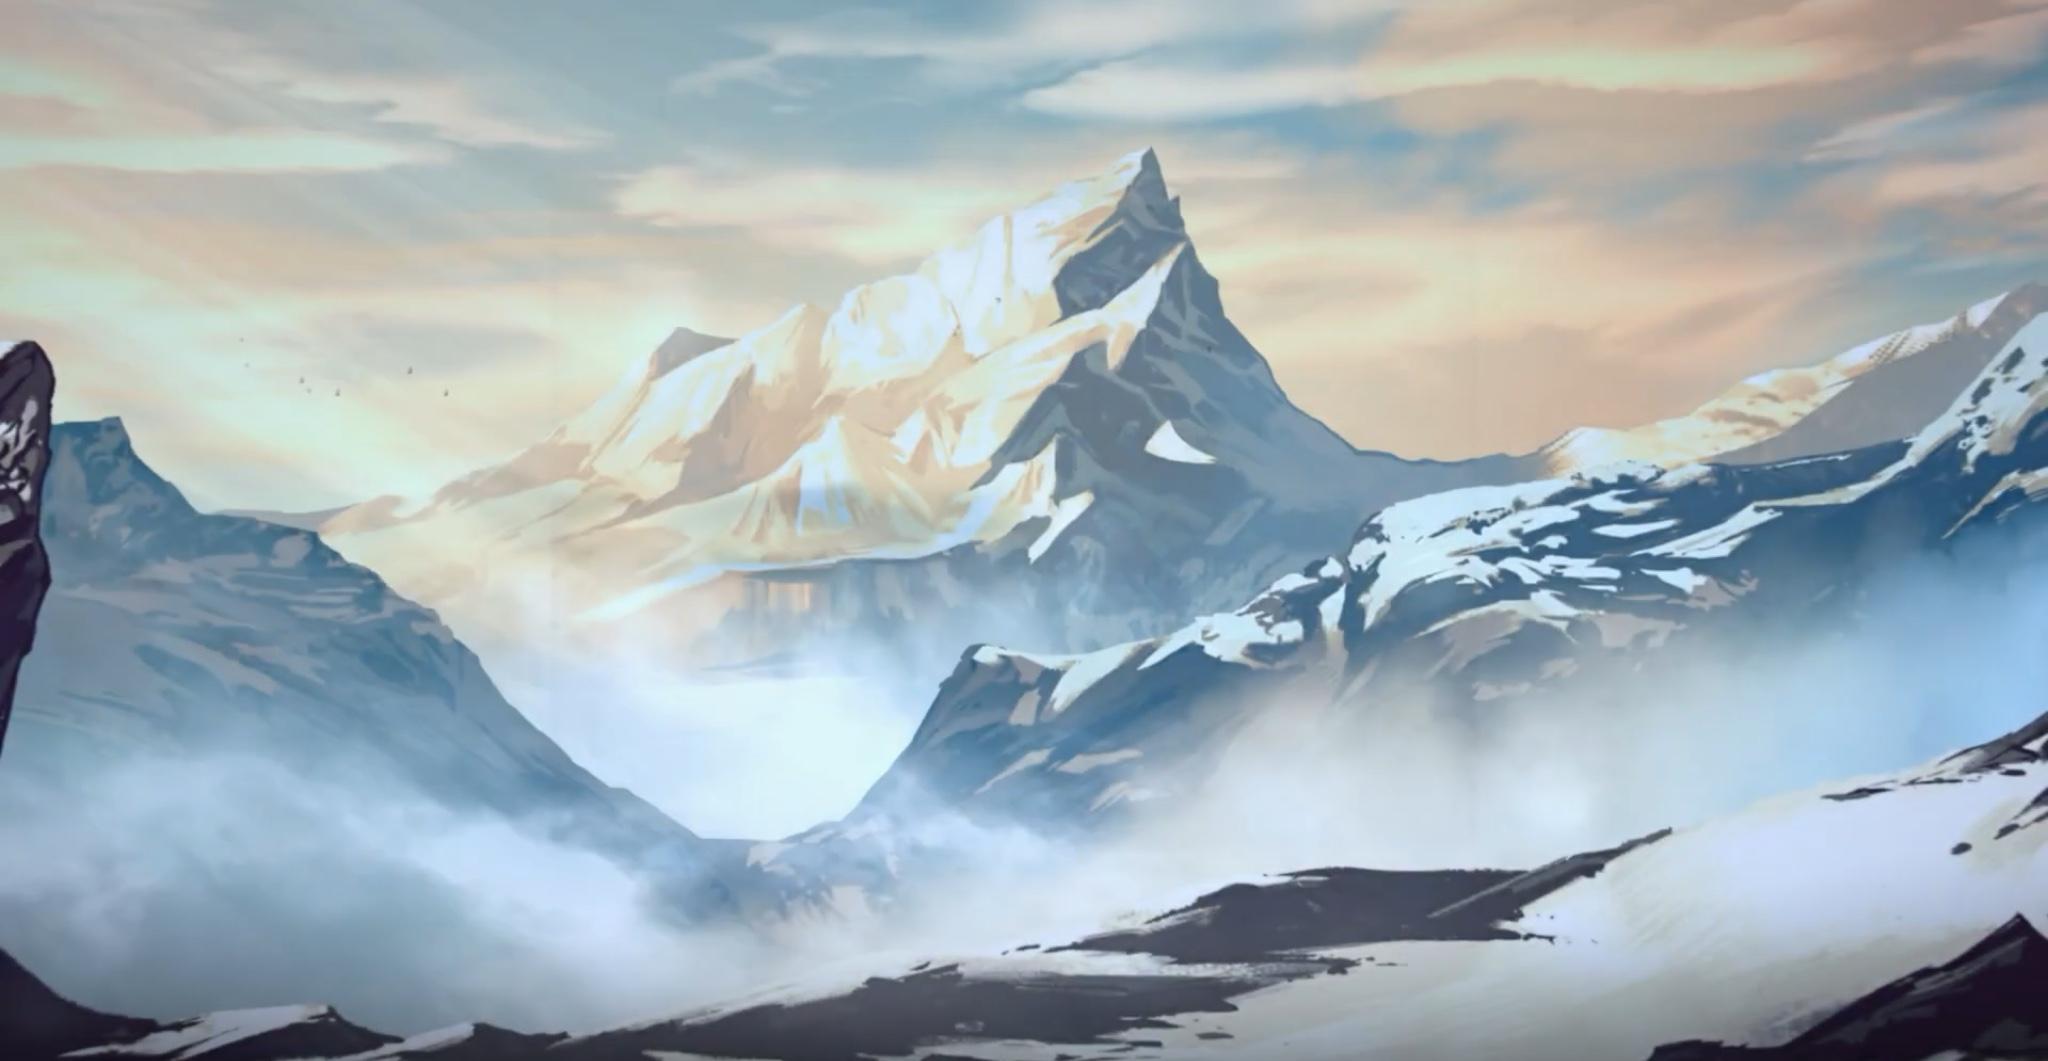 TB mahakam mountains